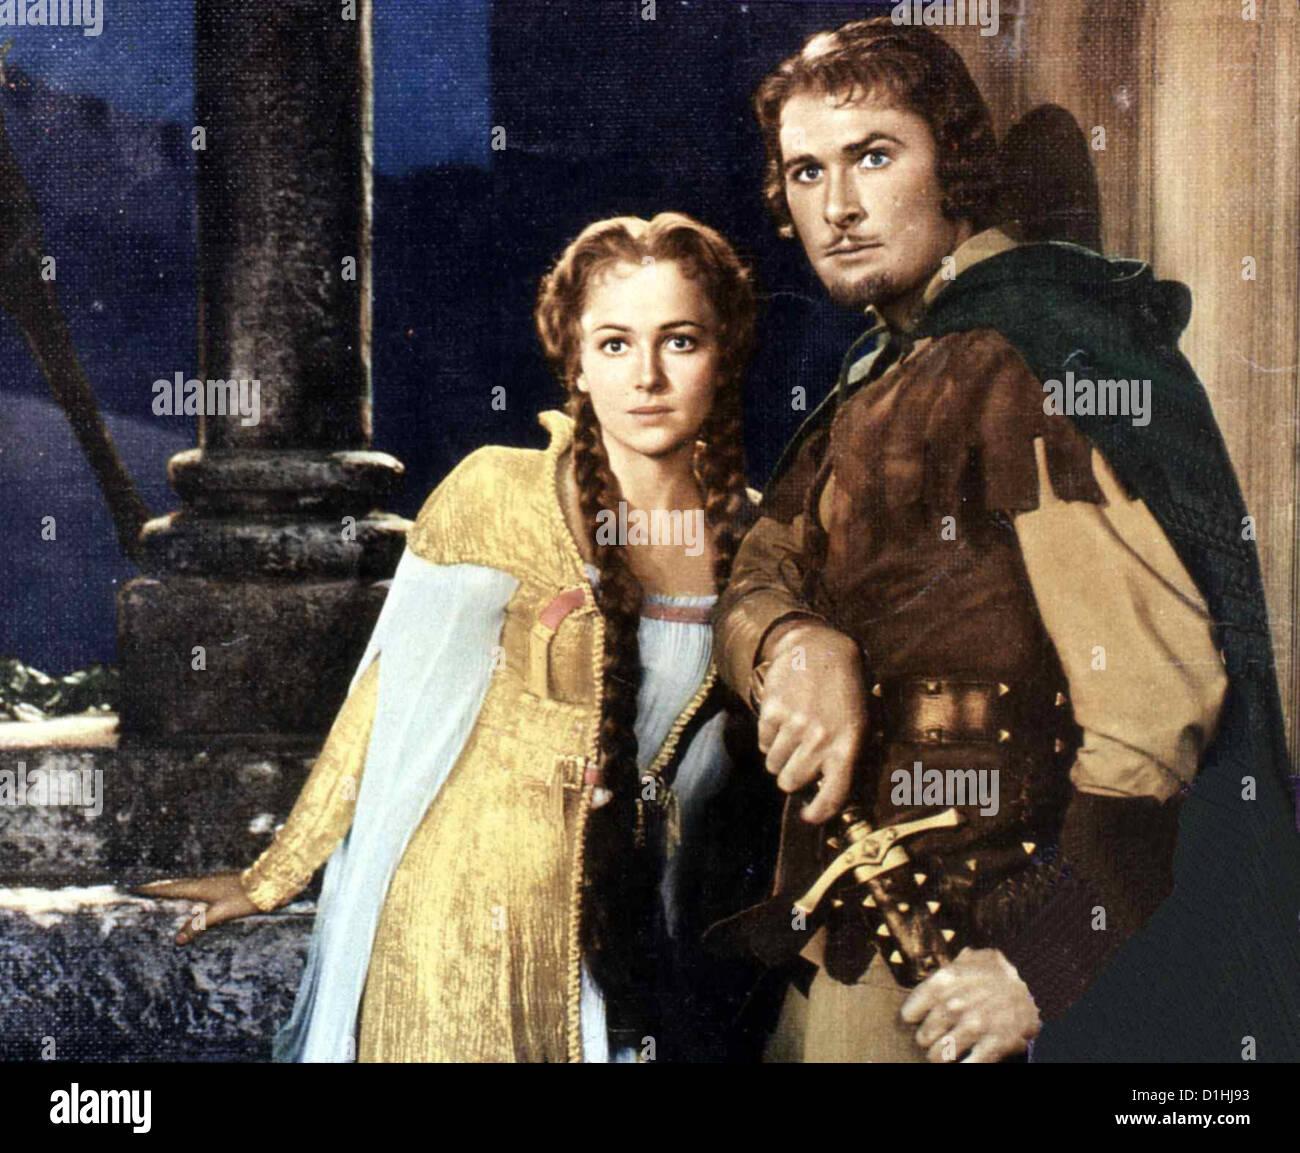 Robin Hood, Koenig Der Vagabunden  Adventures Robin Hood,  Olivia de Havilland, Errol Flynn Robin Hood (Errol Flynn) - Stock Image